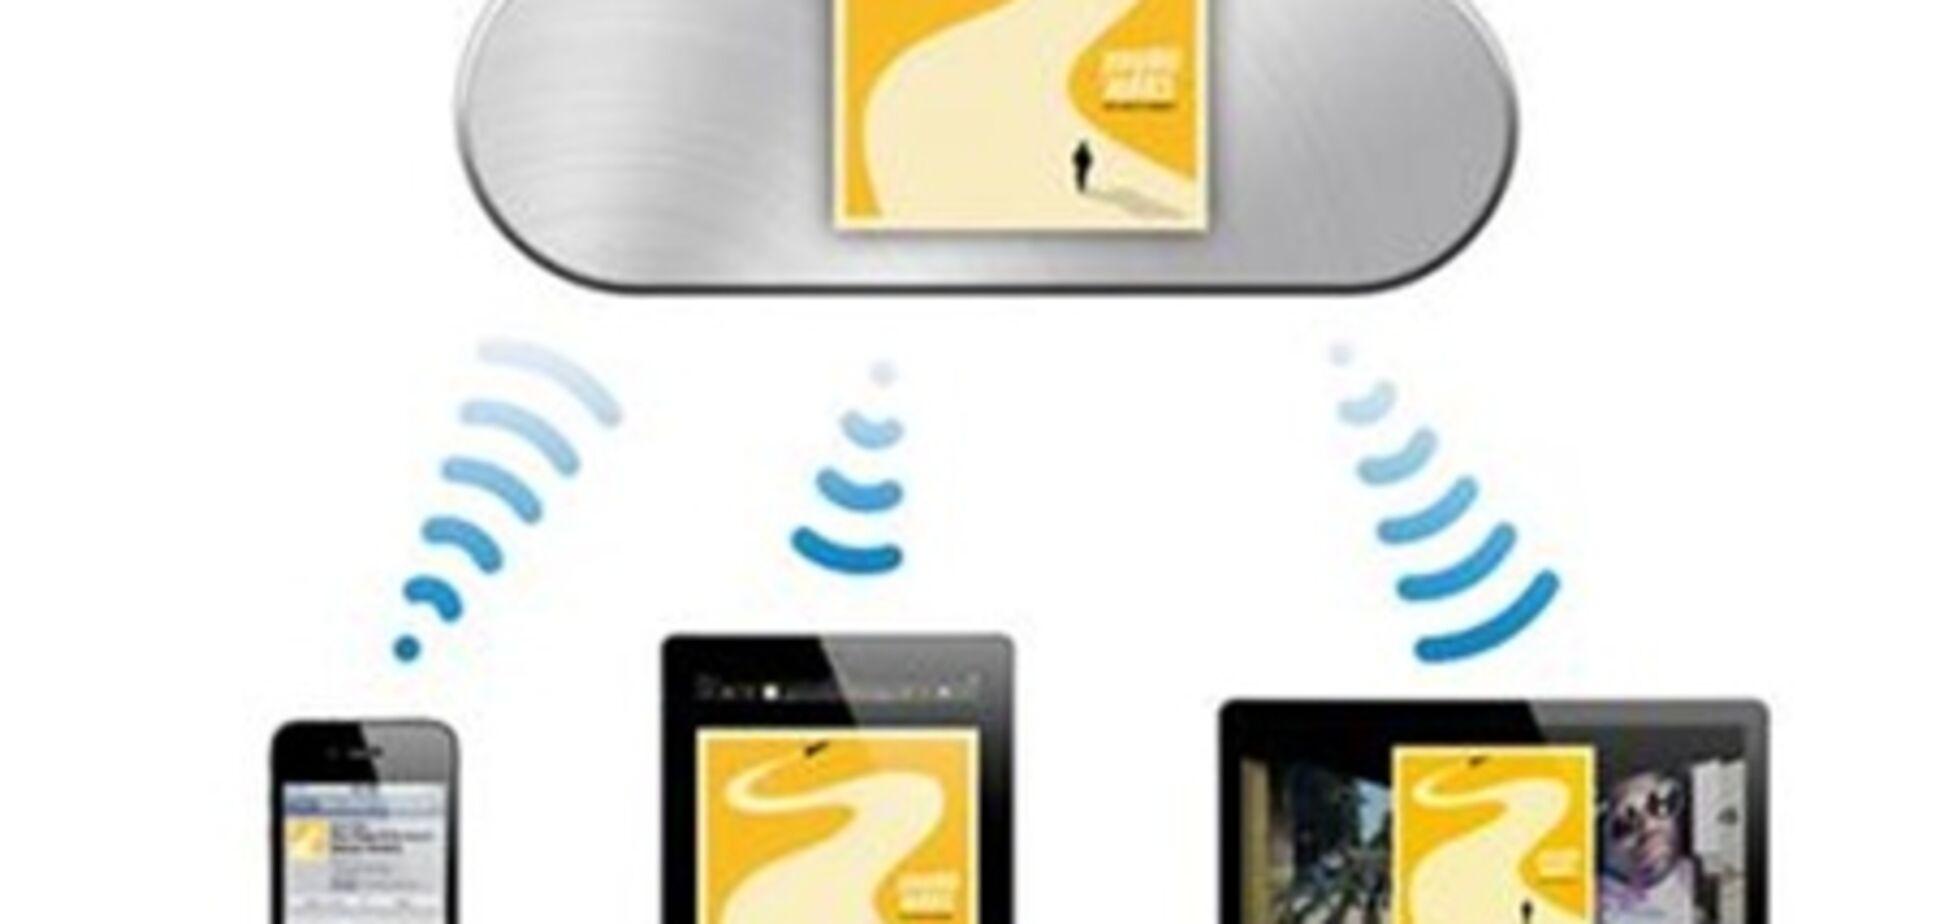 'Добрый вечер': бизнес-приложения для iPhone и iPad